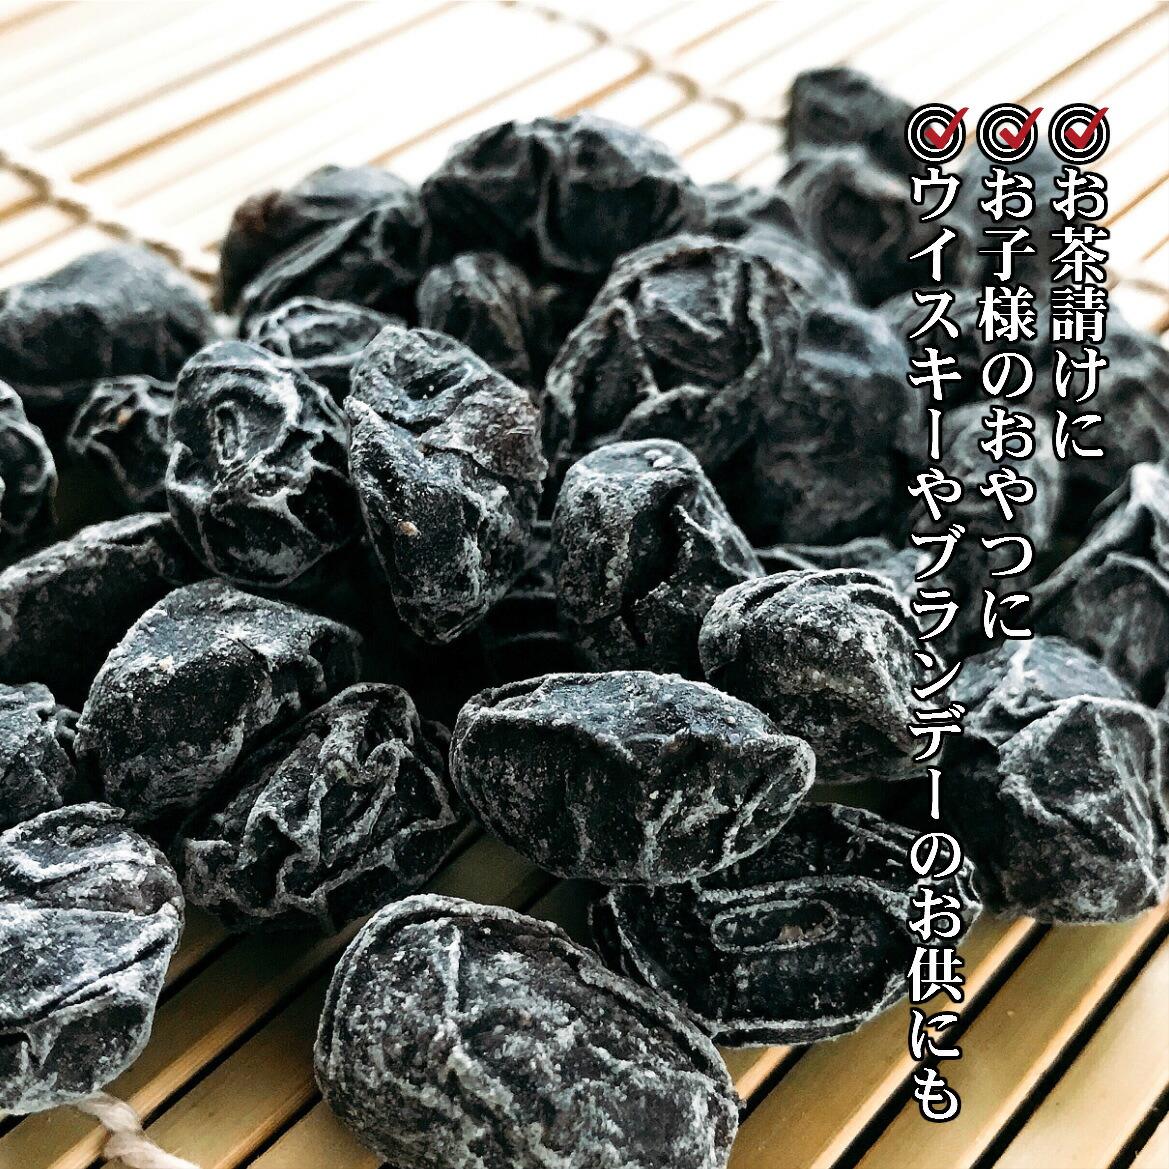 黒豆甘納豆3